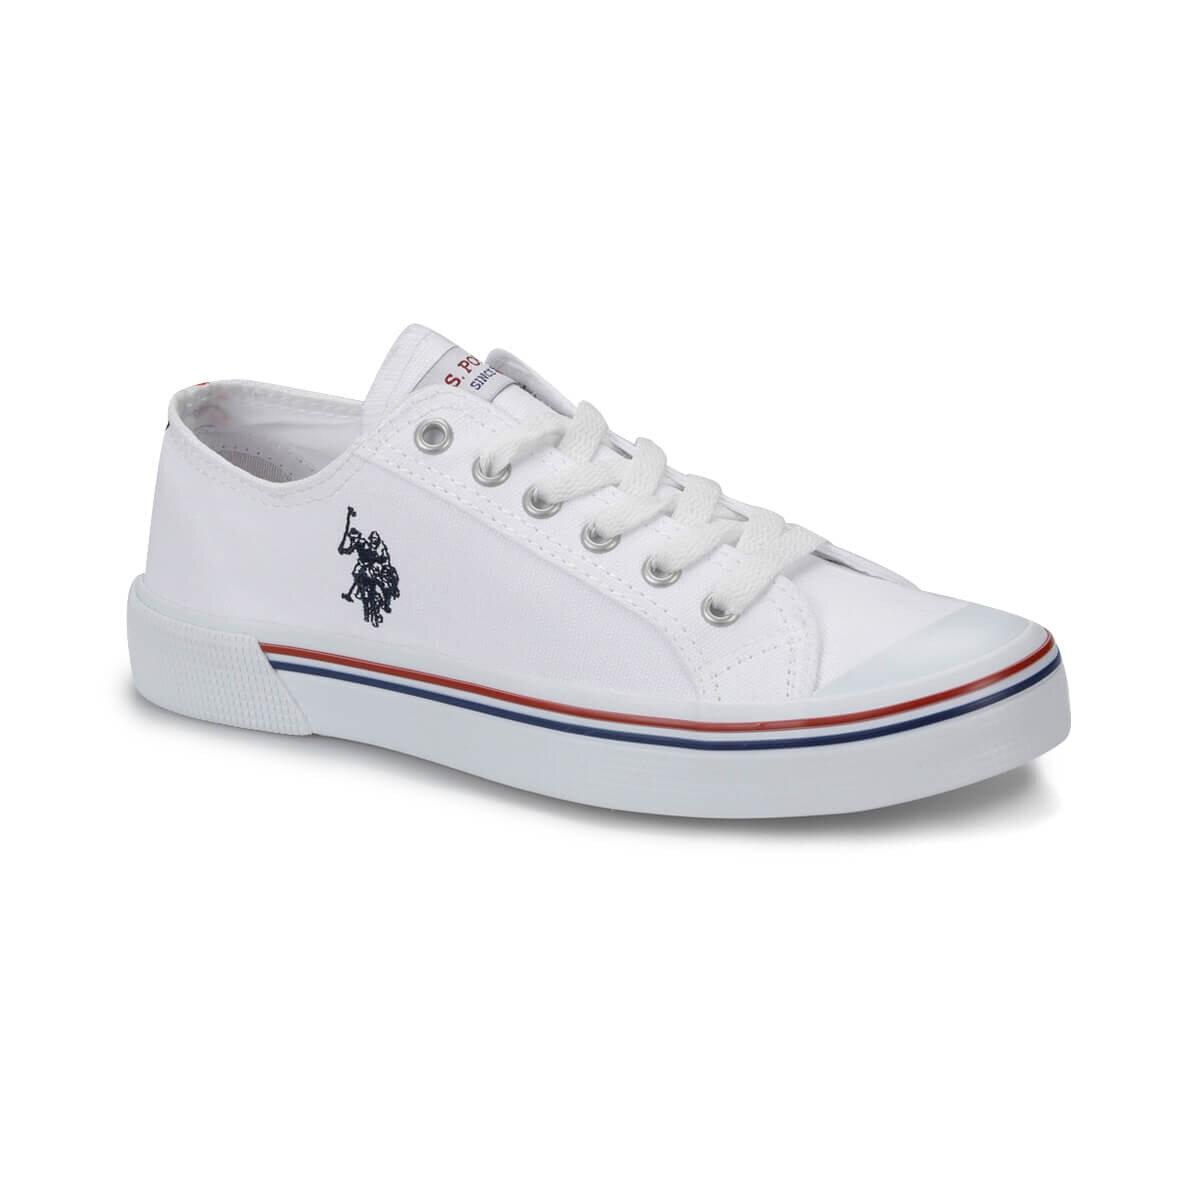 FLO PENELOPE White Women 'S Sneaker